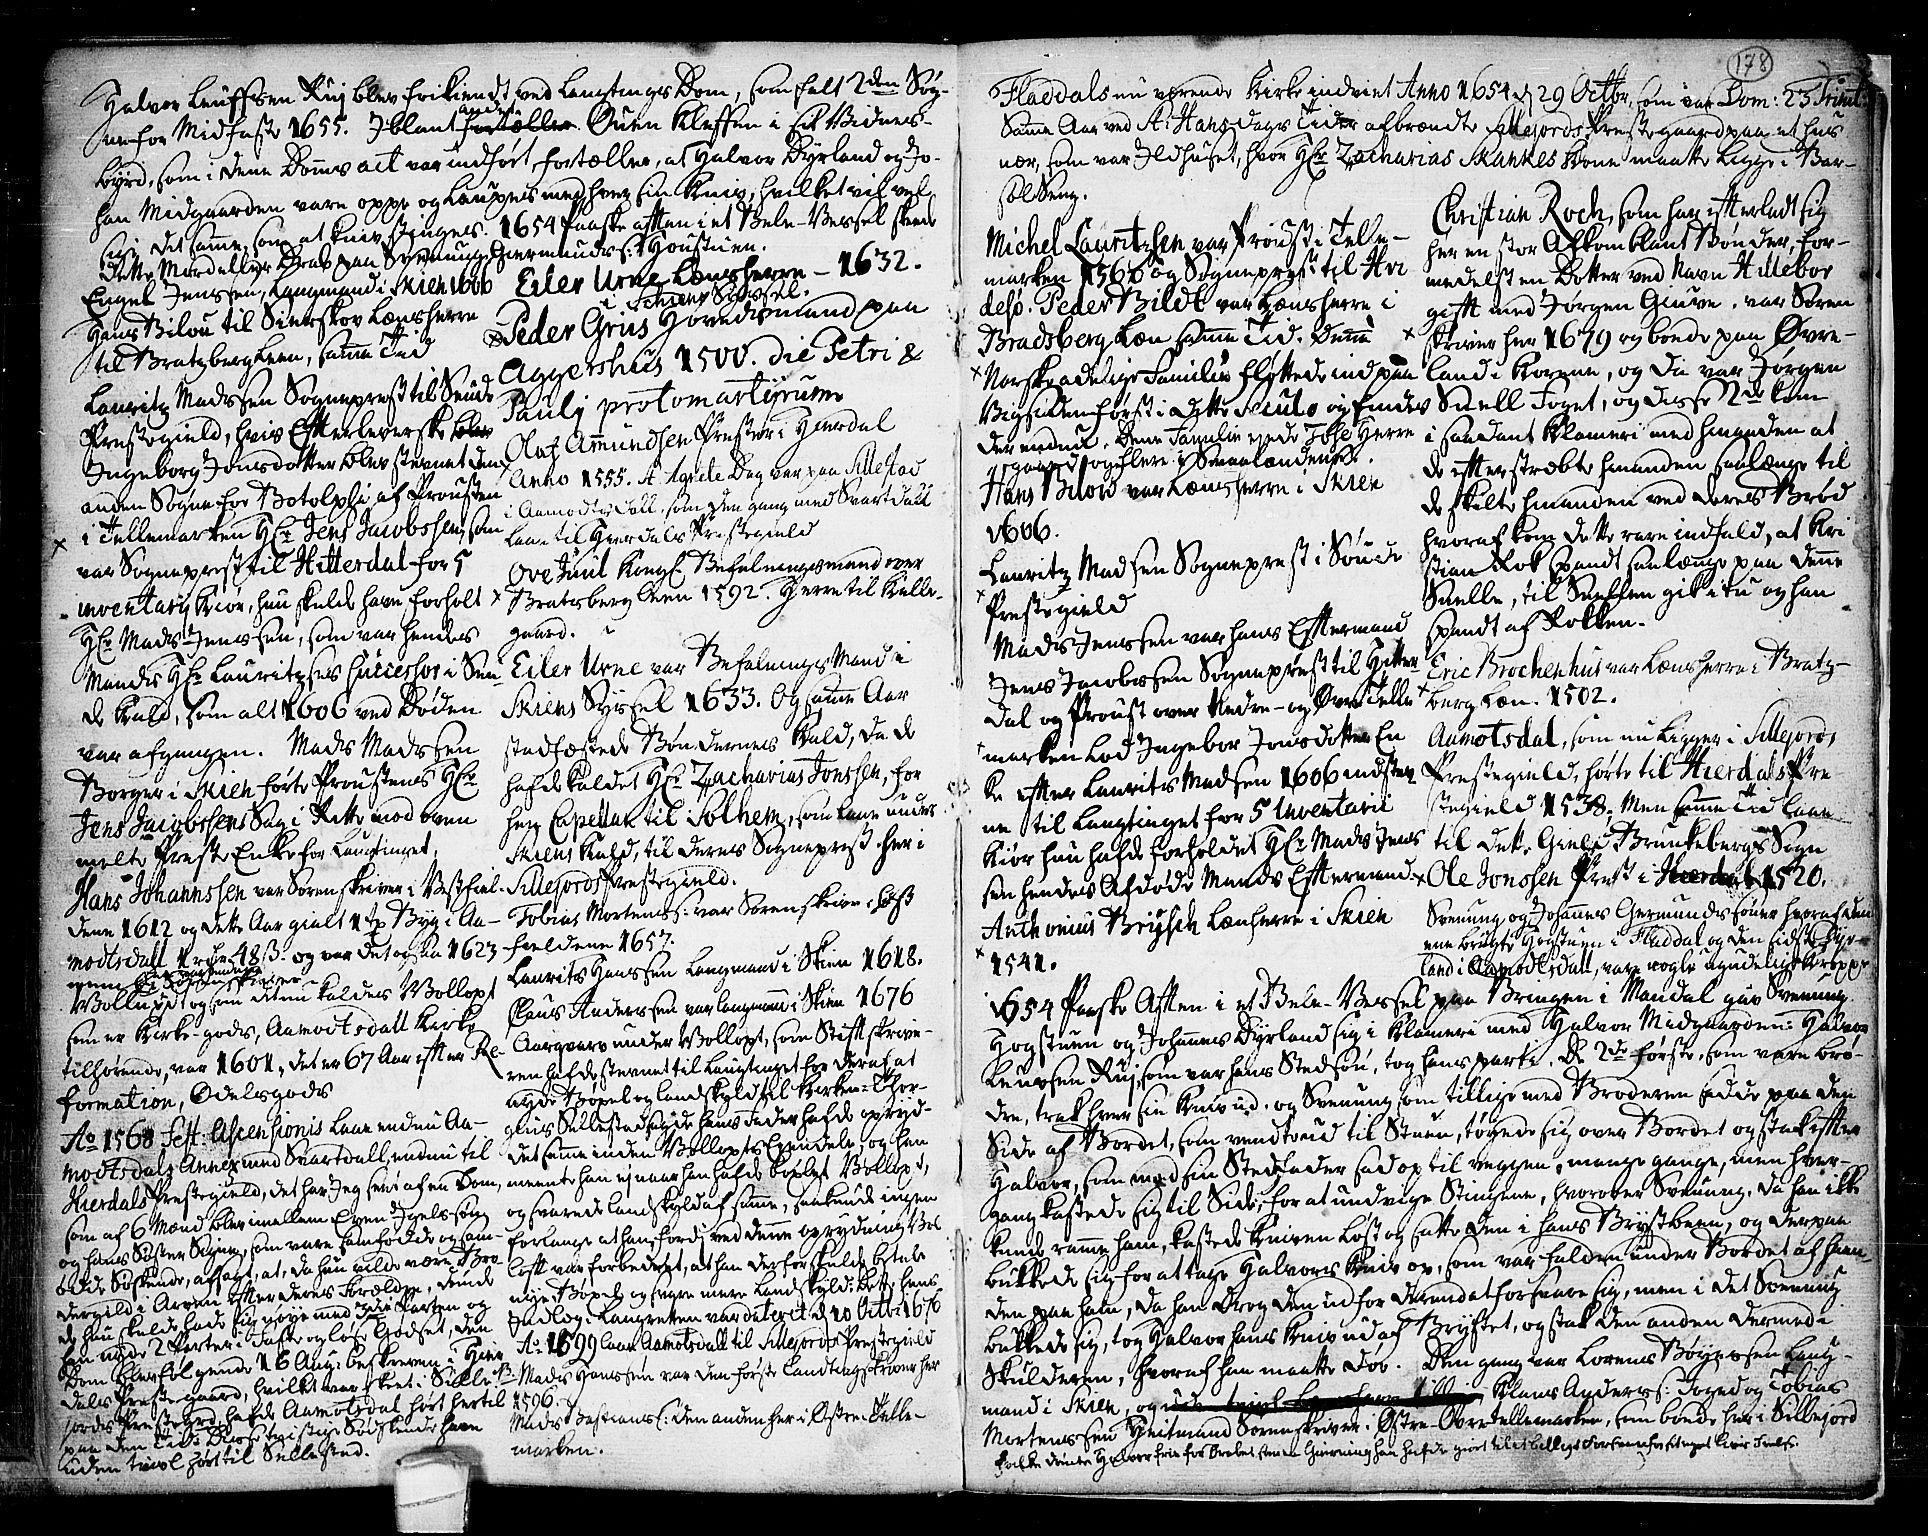 SAKO, Seljord kirkebøker, F/Fa/L0007: Ministerialbok nr. I 7, 1755-1800, s. 178